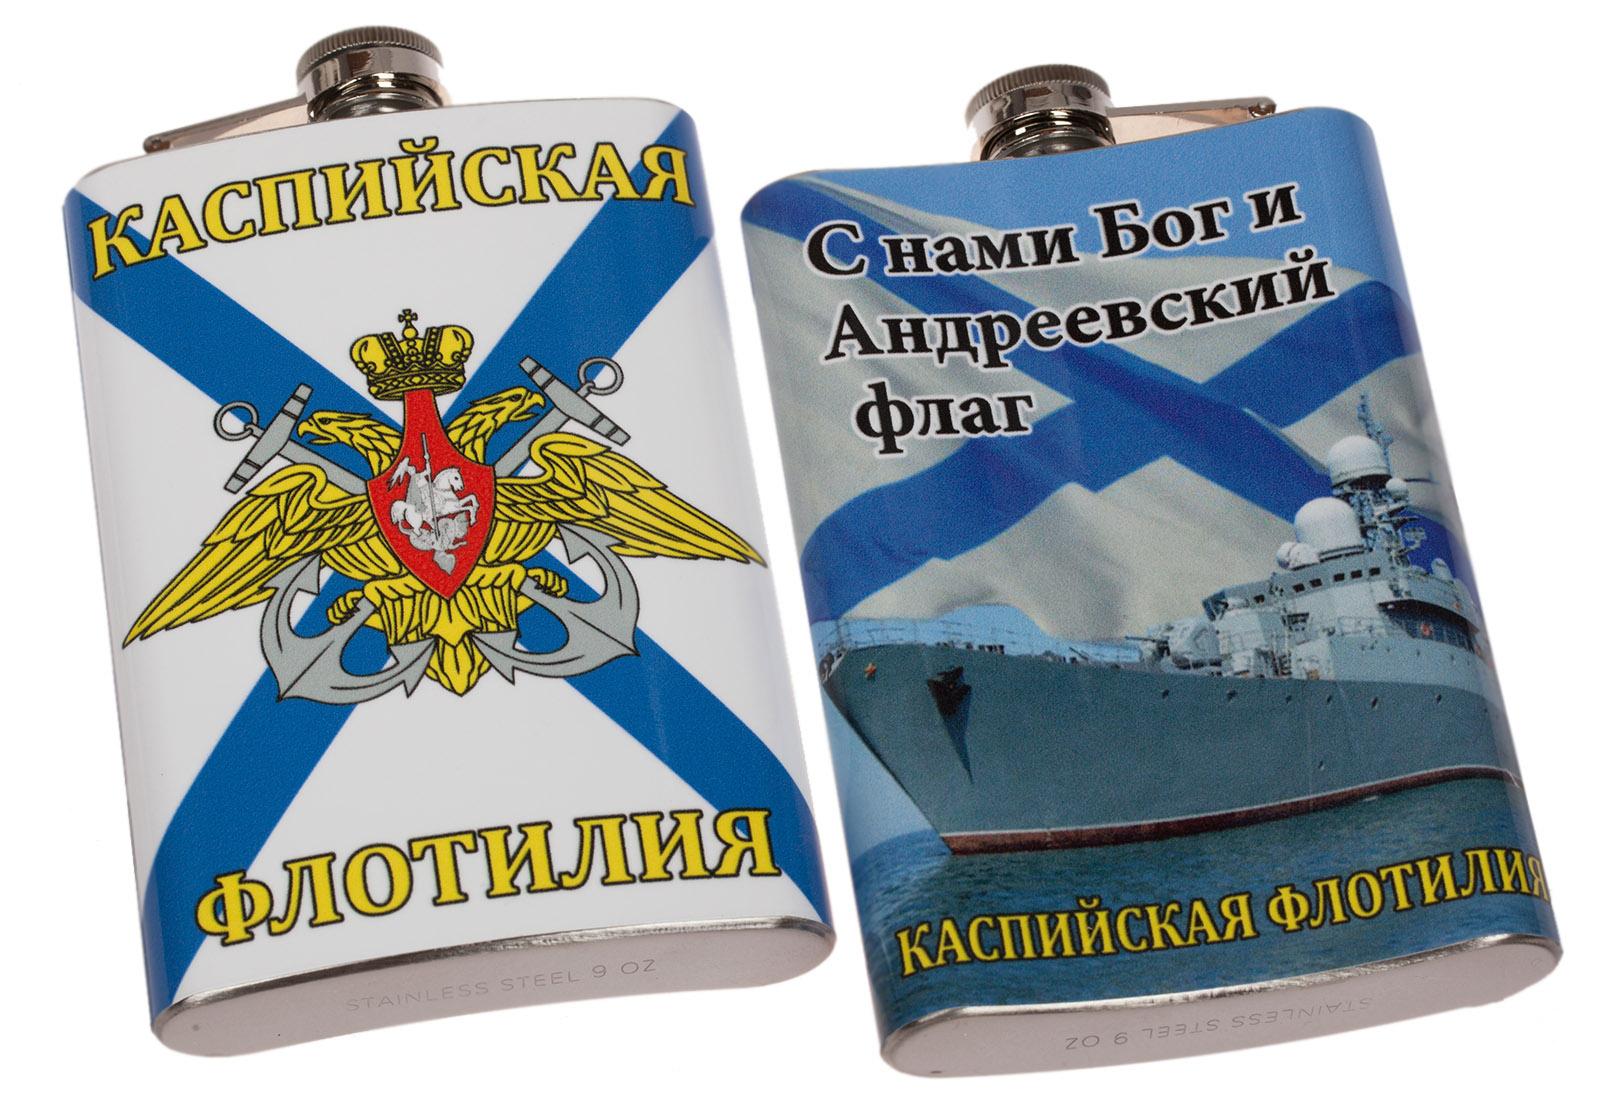 Фляжка «Каспийская флотилия» - заказать онлайн